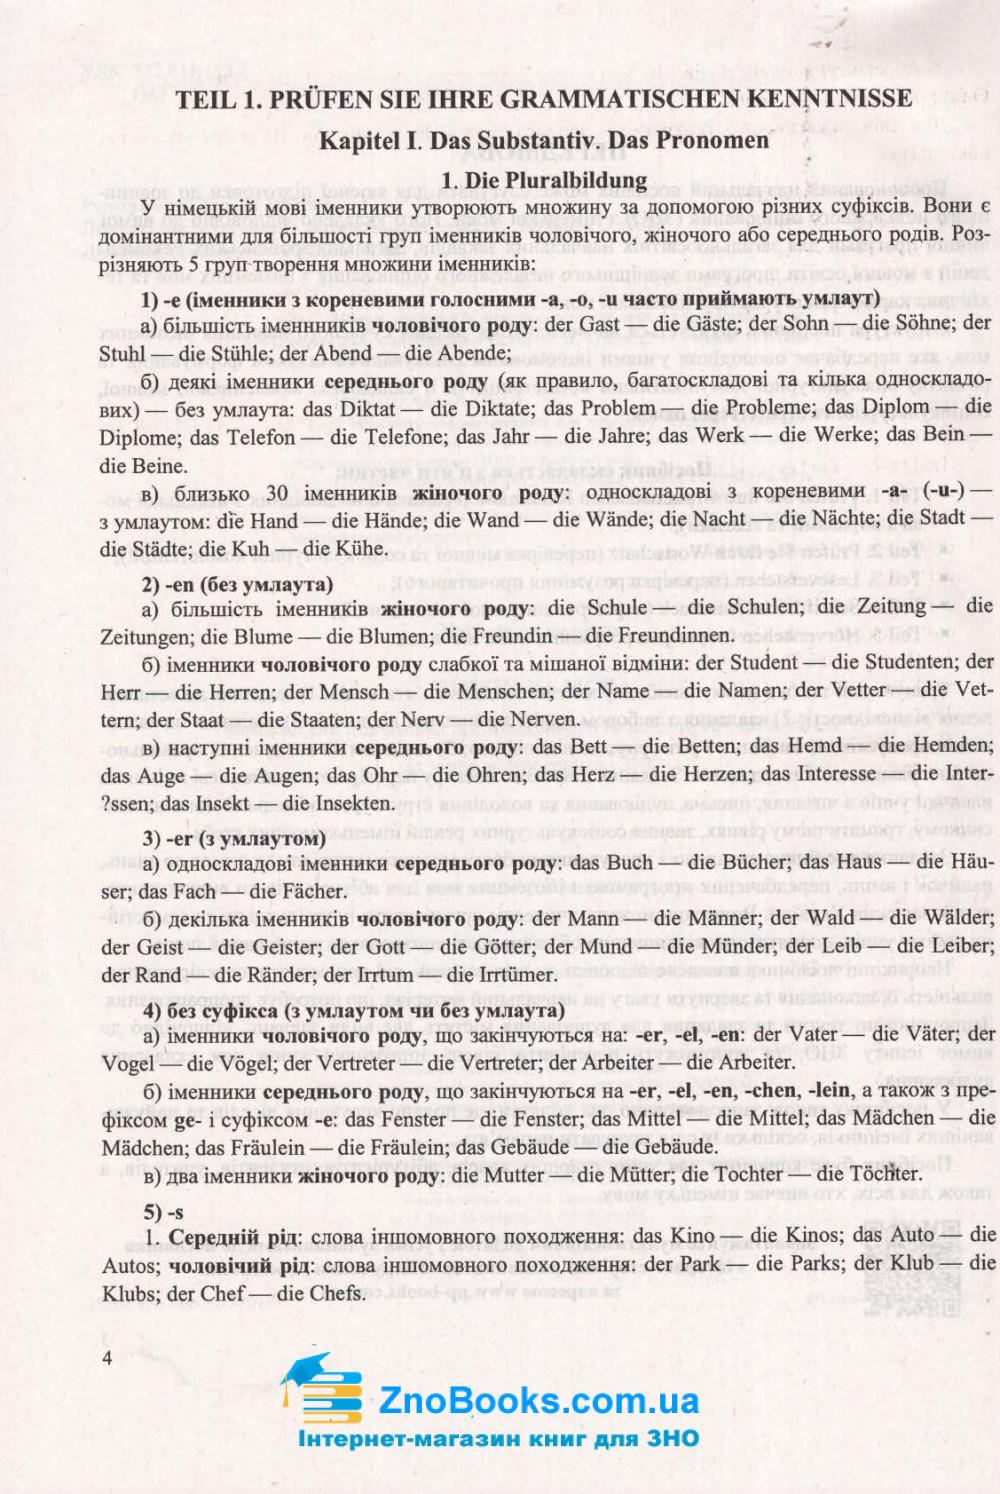 Німецька мова ЗНО 2021. Комплексне видання : Грицюк І. Підручники і посібники. купити 4